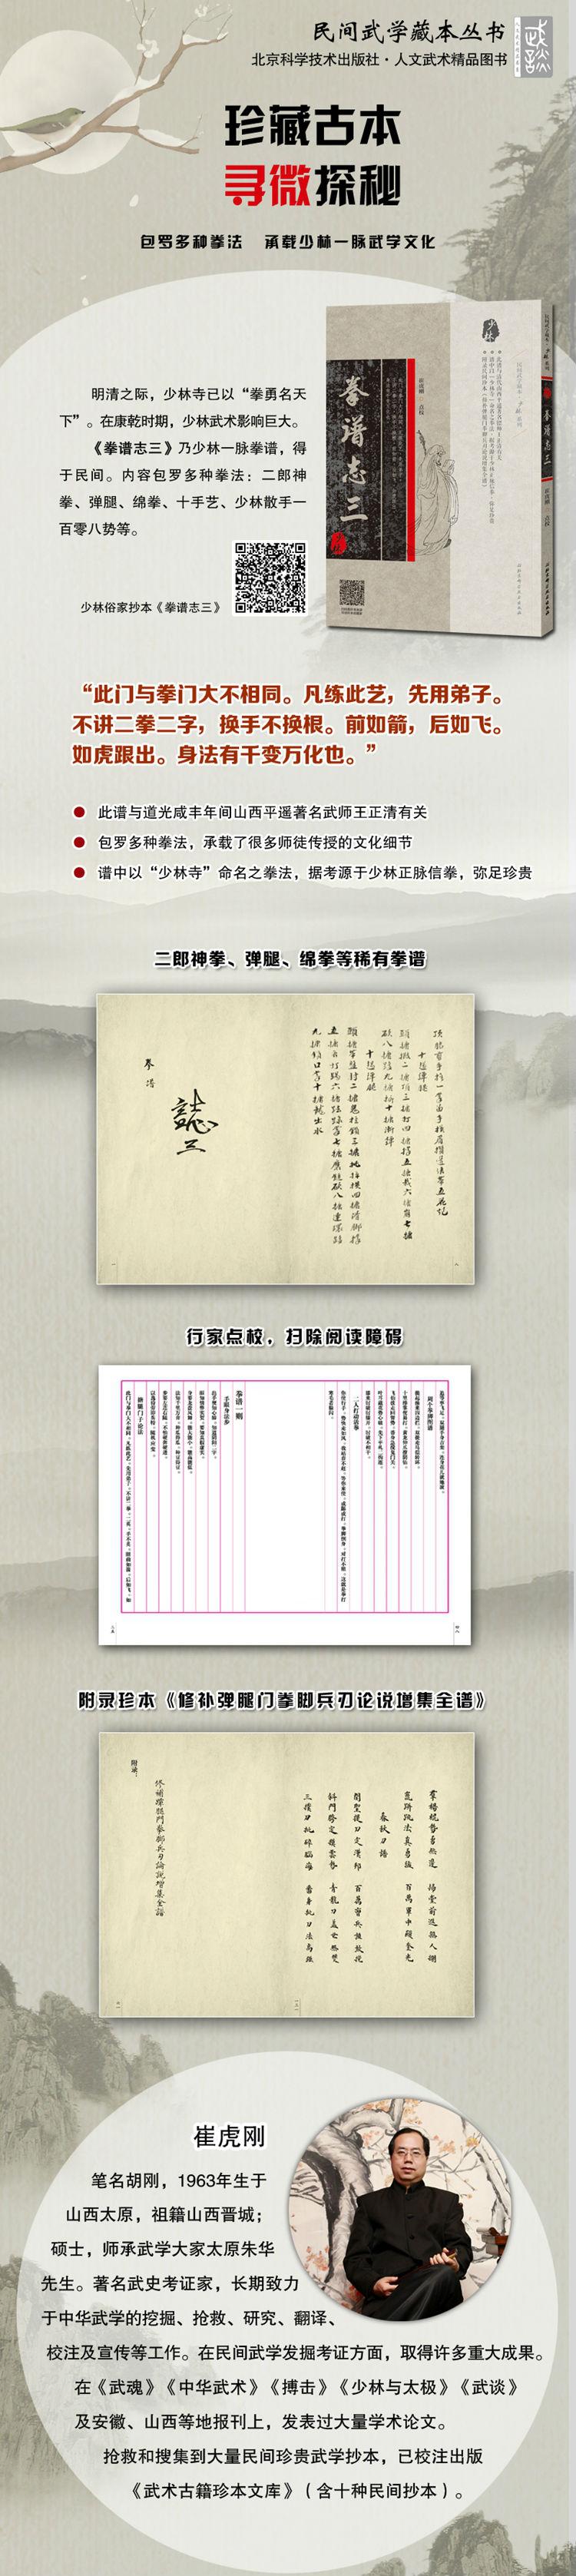 拳譜志三-民間武学蔵本・少林系列